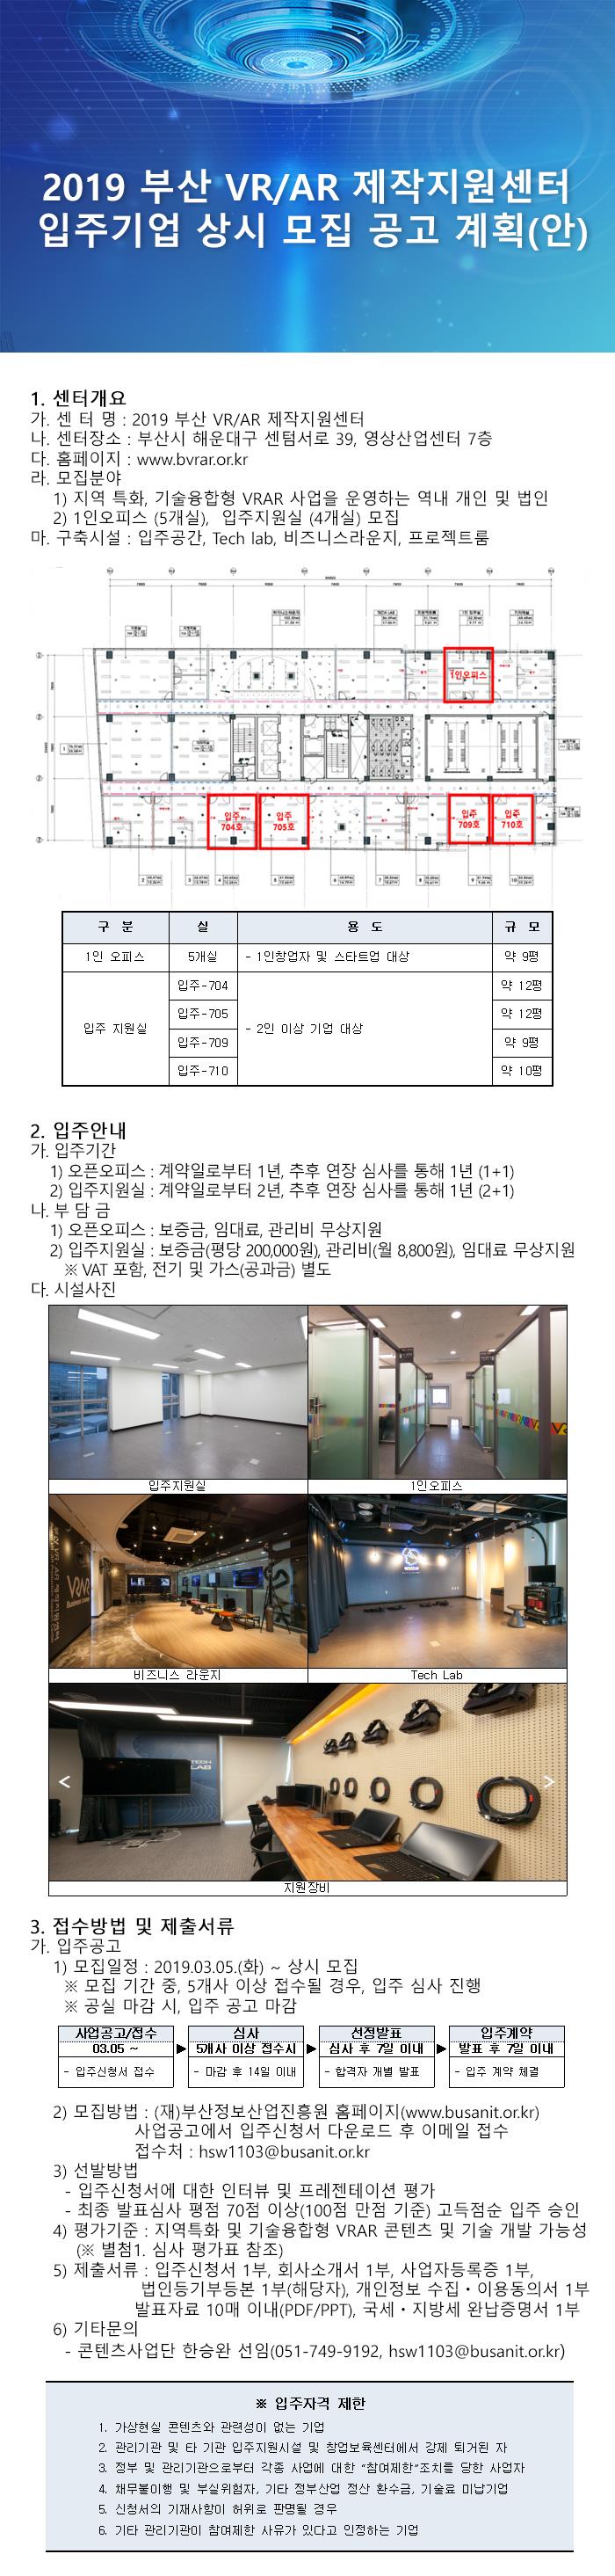 2019 부산 VR/AR 제작지원센터 입주기업 상시 모집